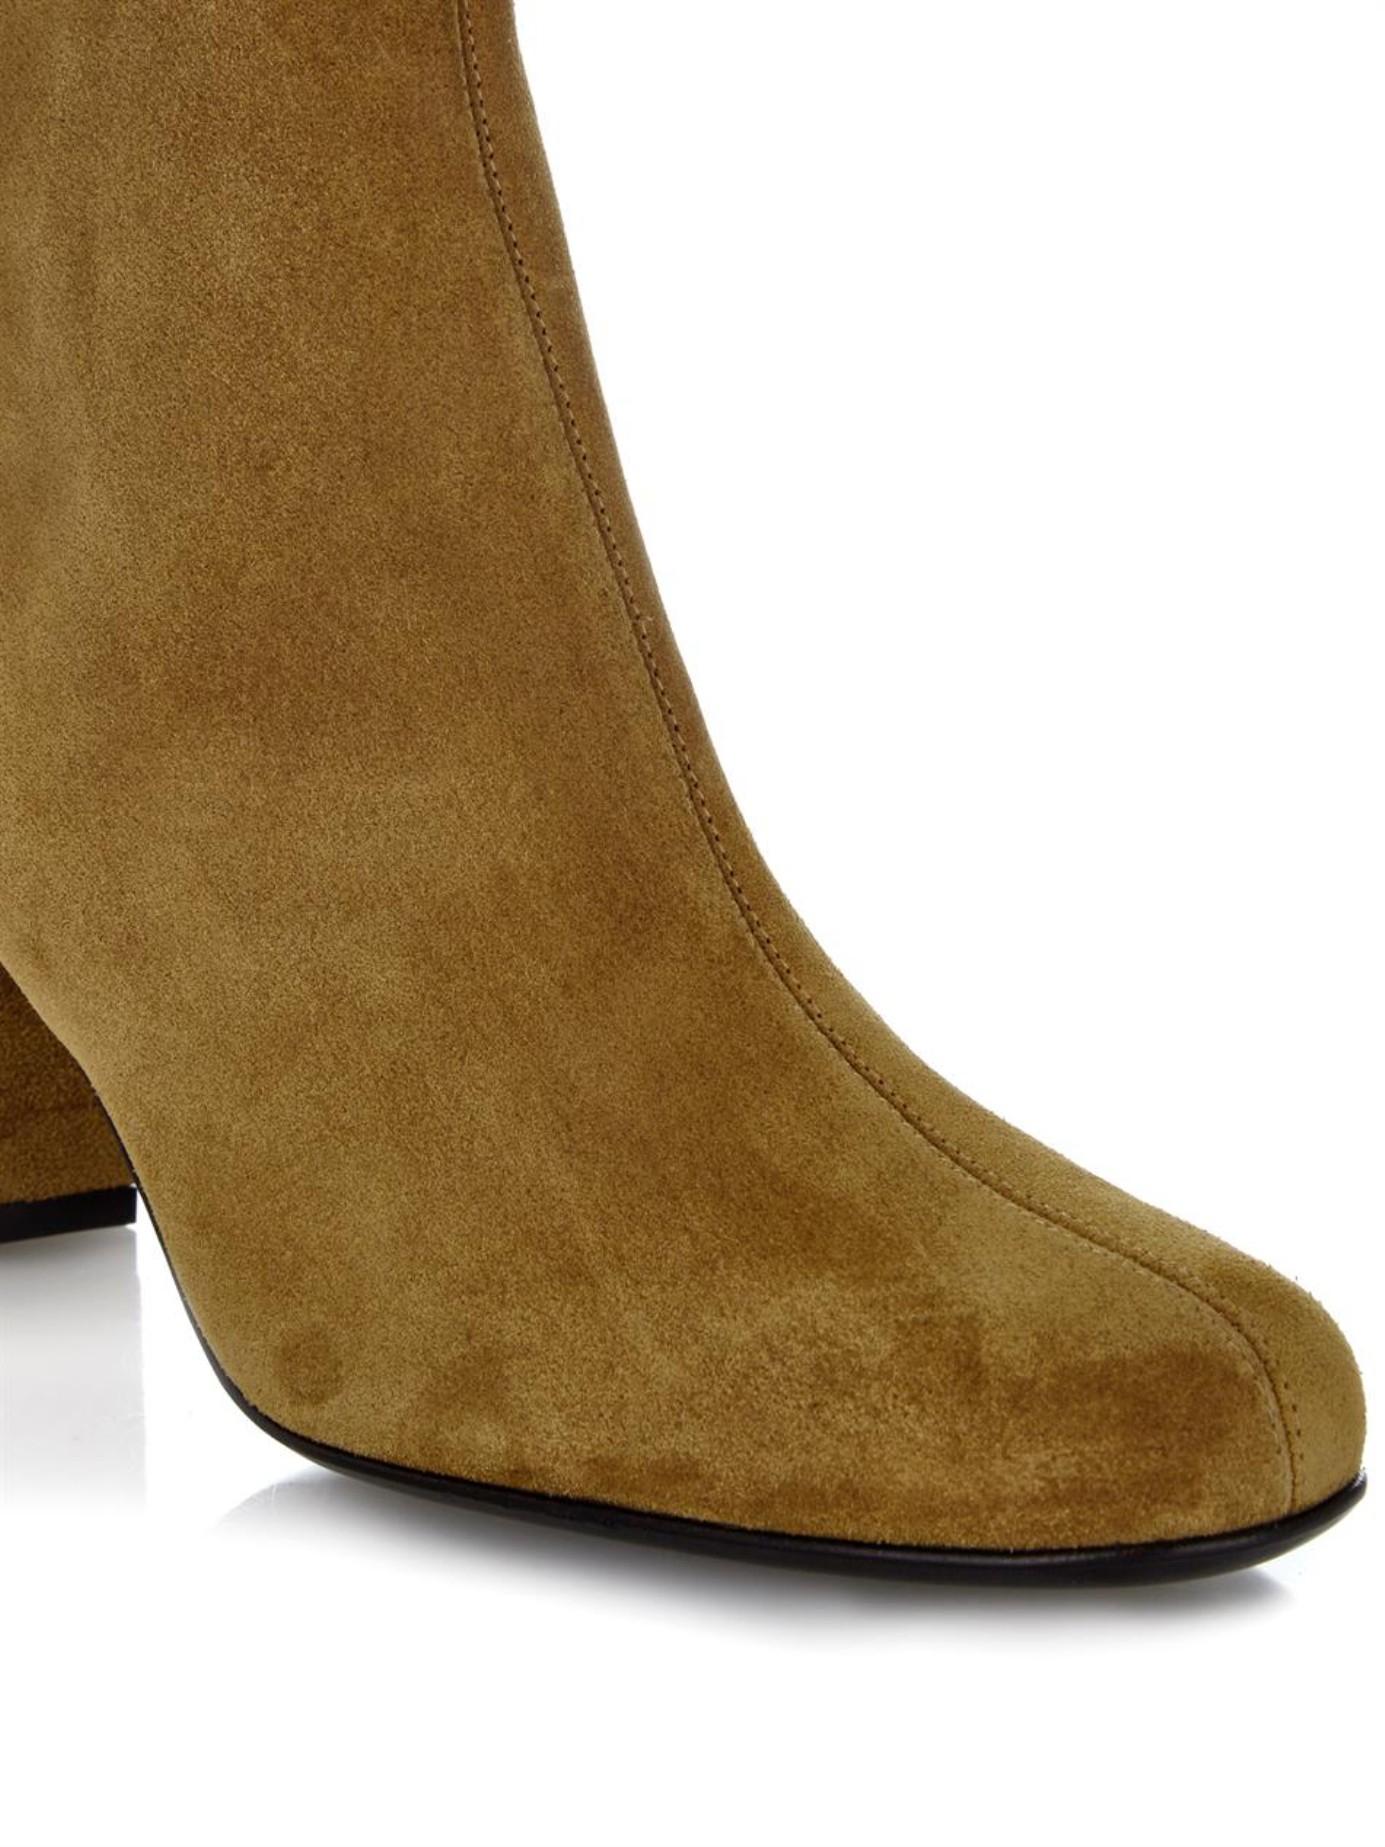 Saint Laurent Babies 70 Block Heel Suede Ankle Boots In